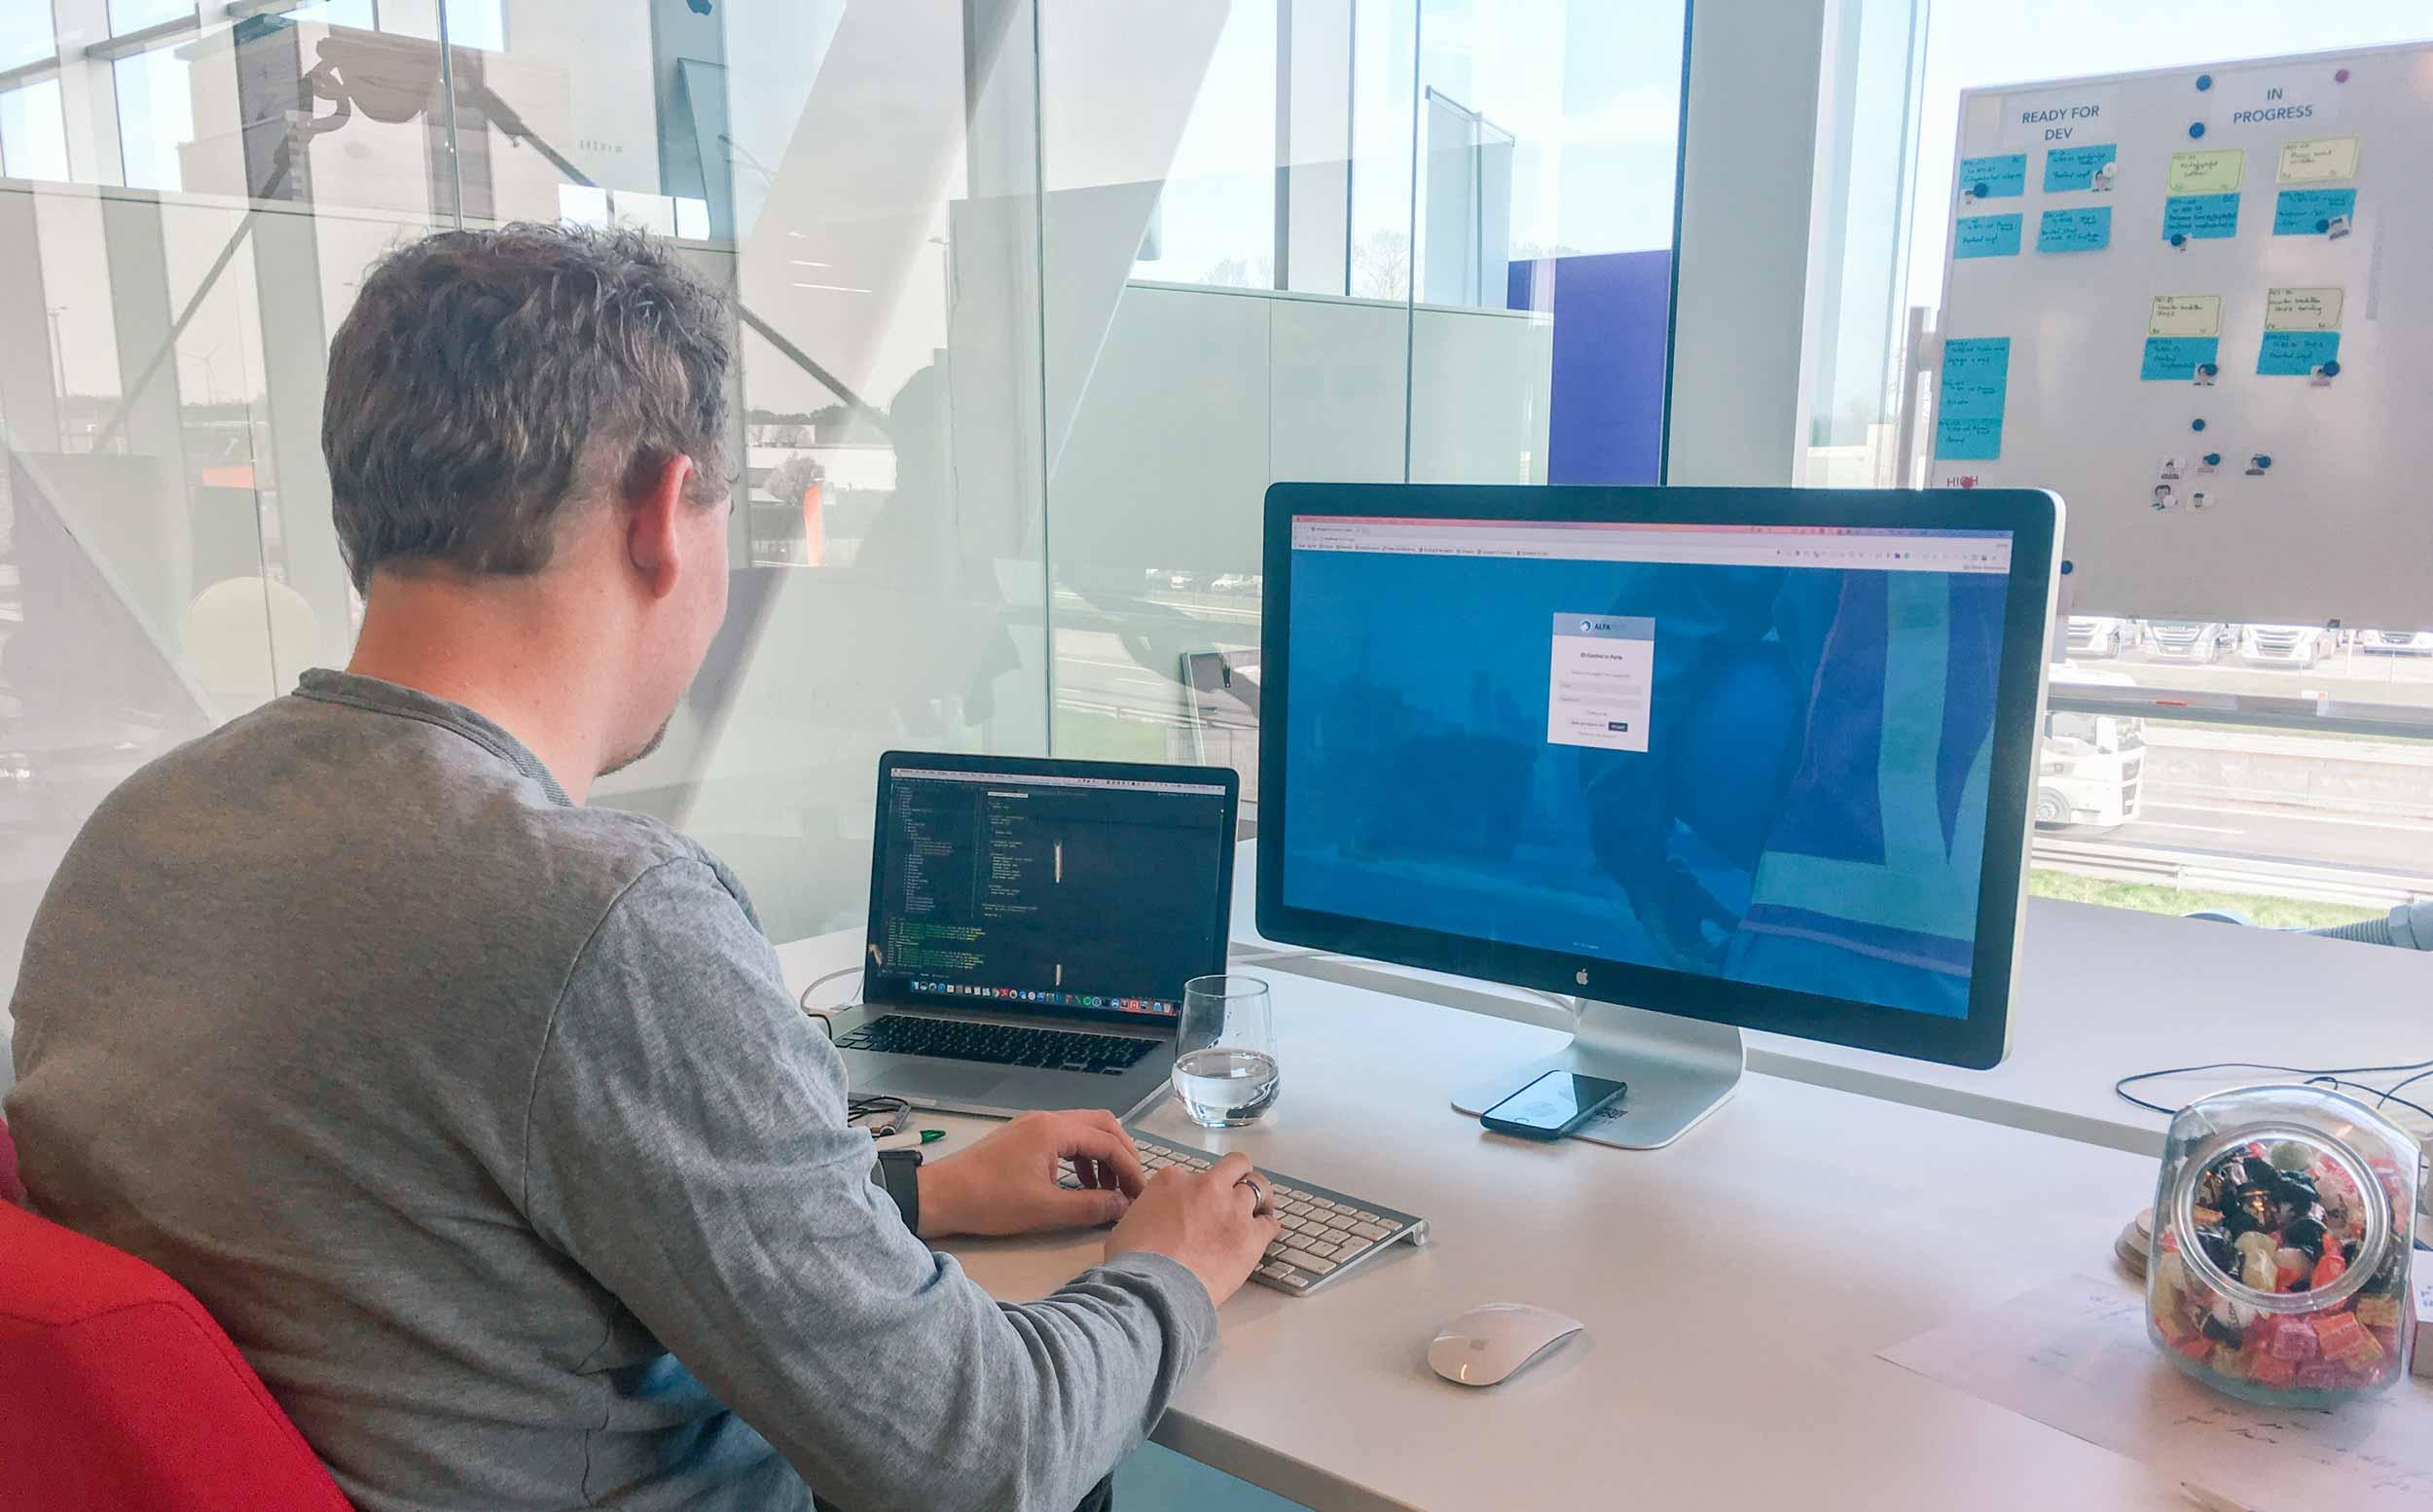 Kristof codeert het Alfapass login scherm